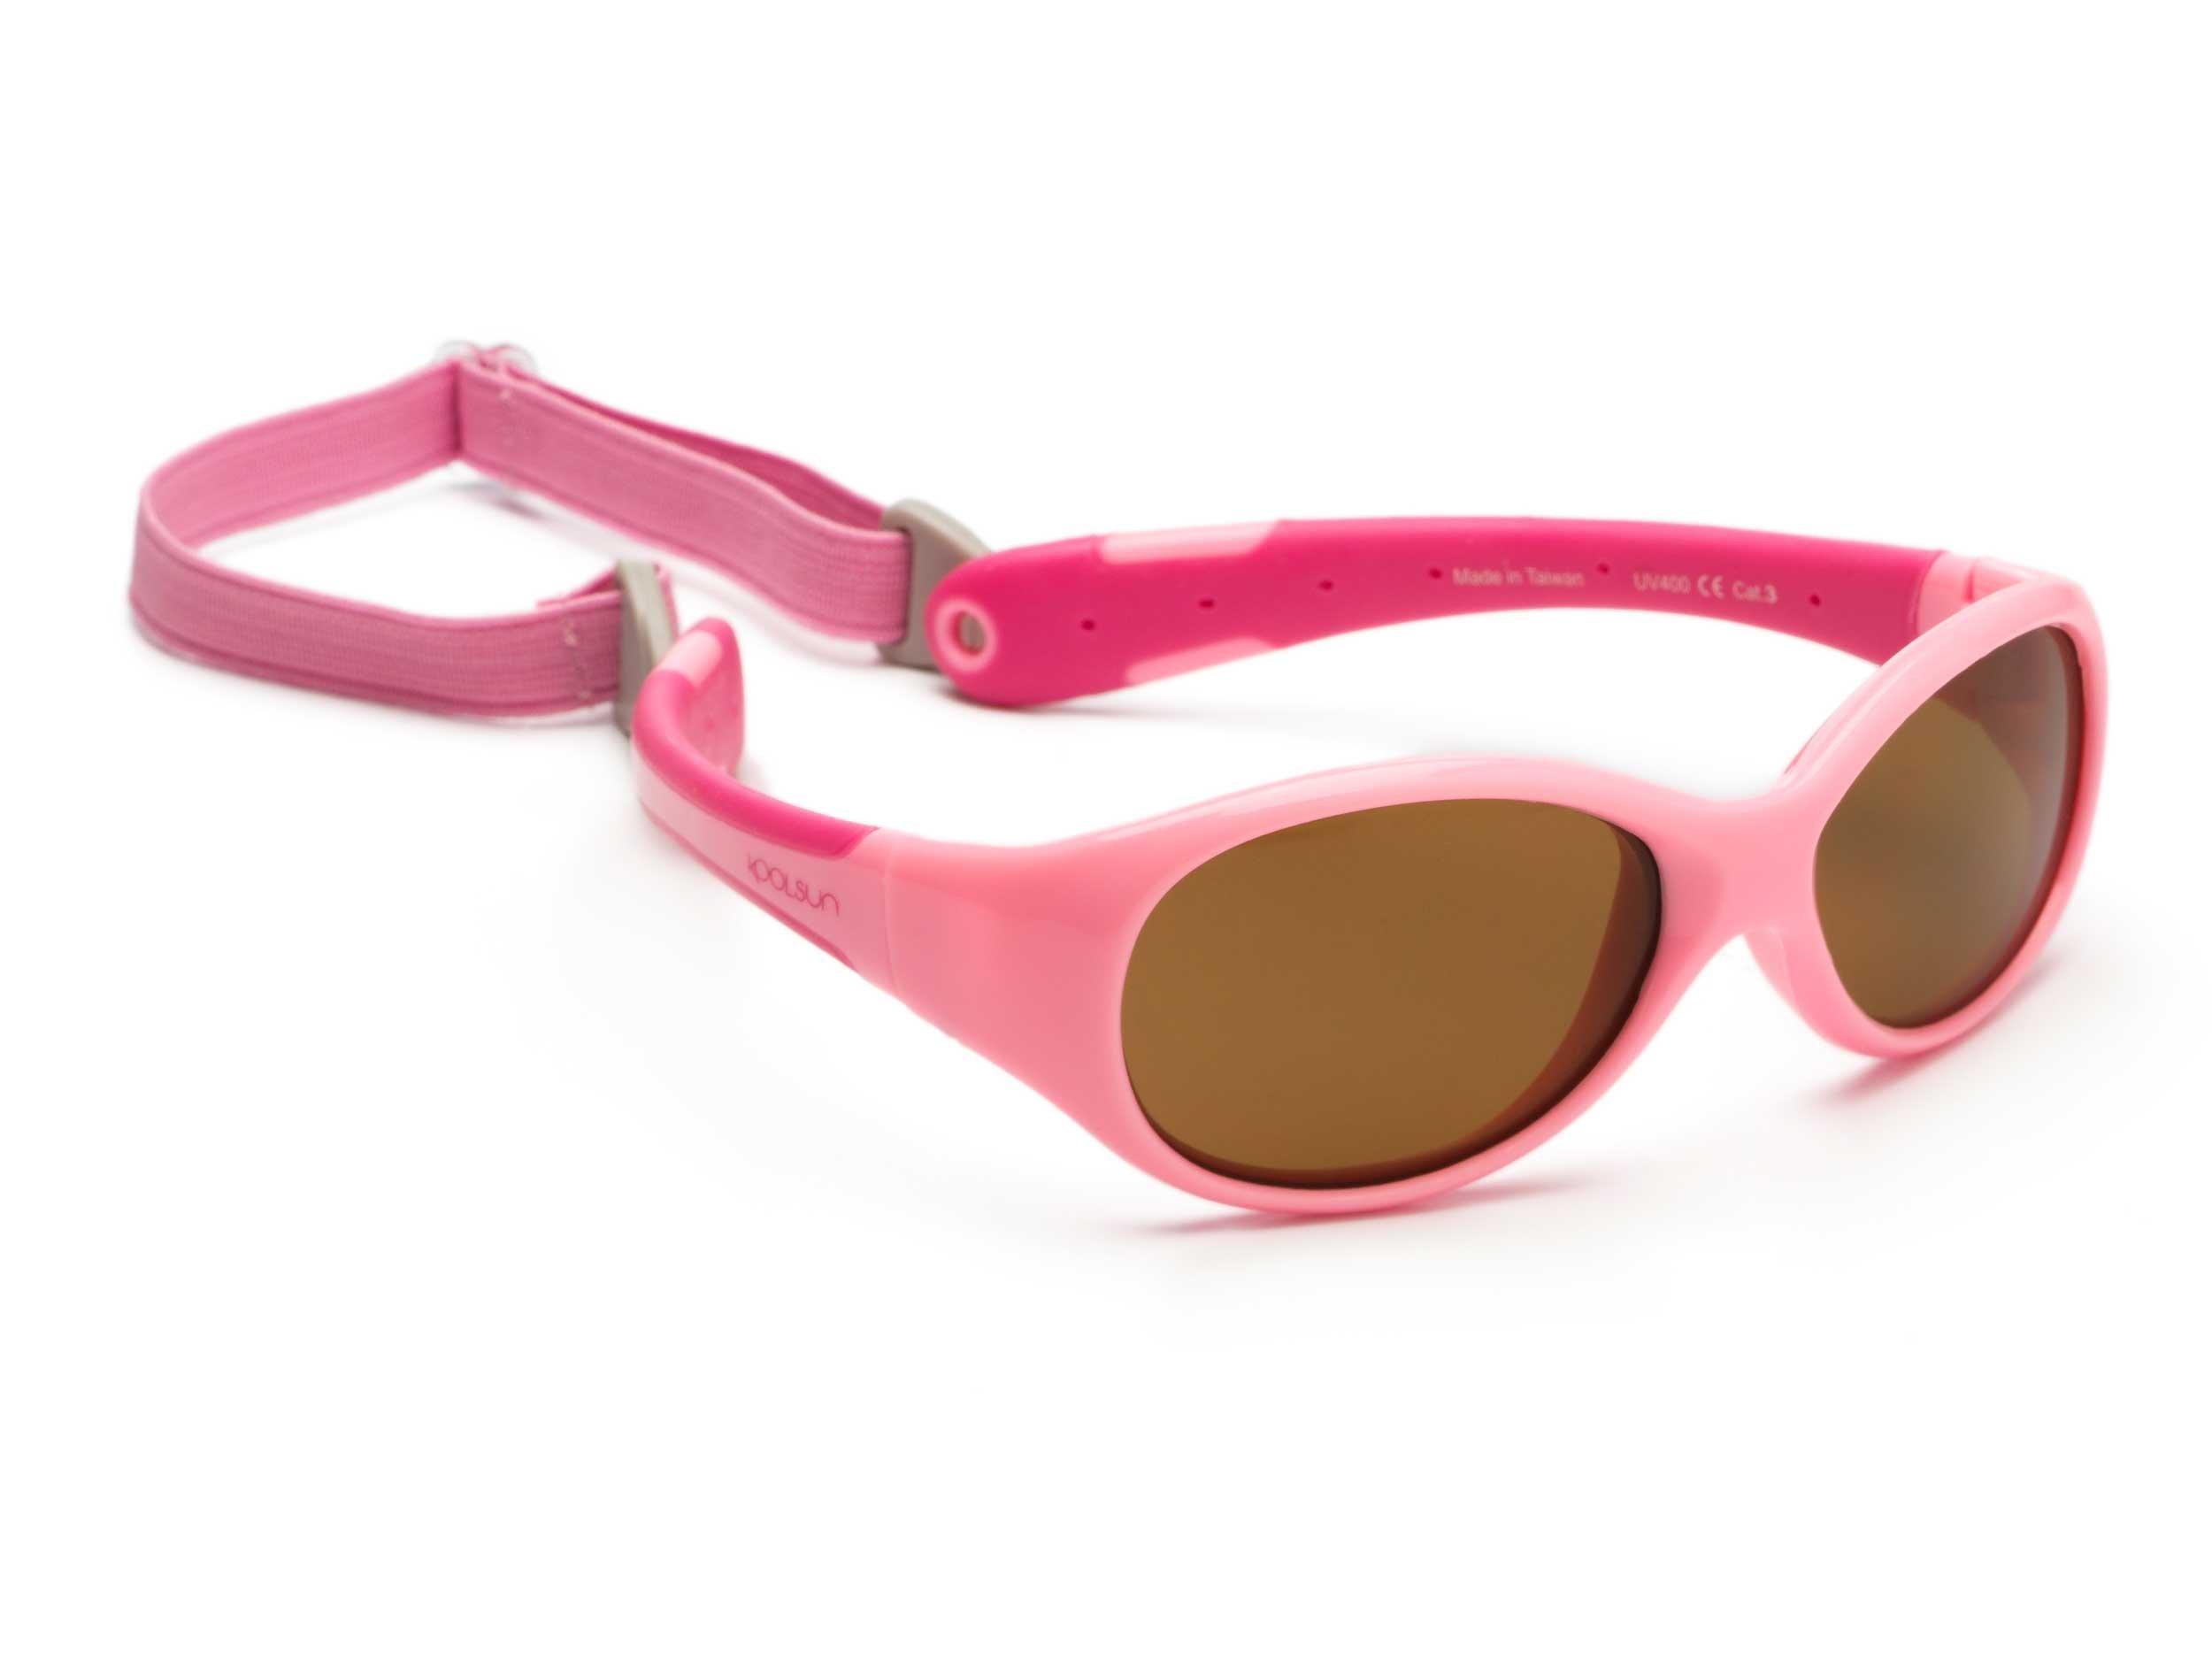 Gafas de sol para koolsun Baby Flex niña 2